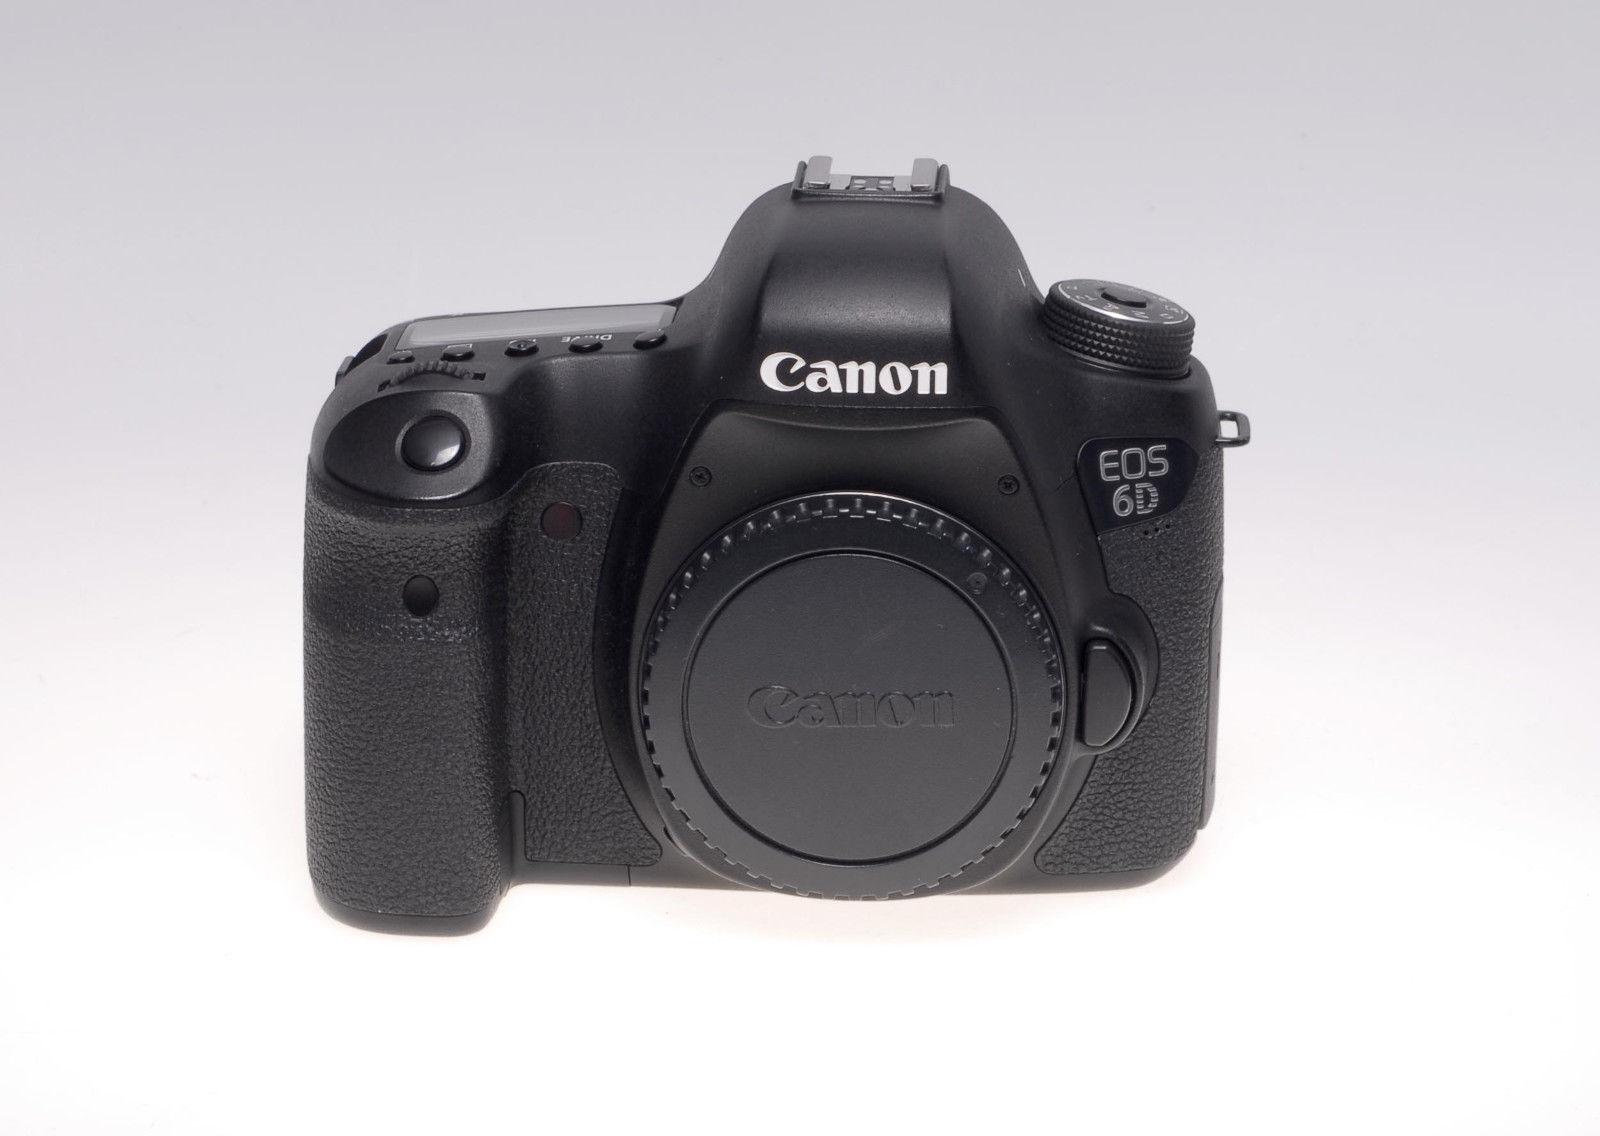 Canon EOS 6D SLR-Digitalkamera - Schwarz (Nur Gehäuse) - gebraucht